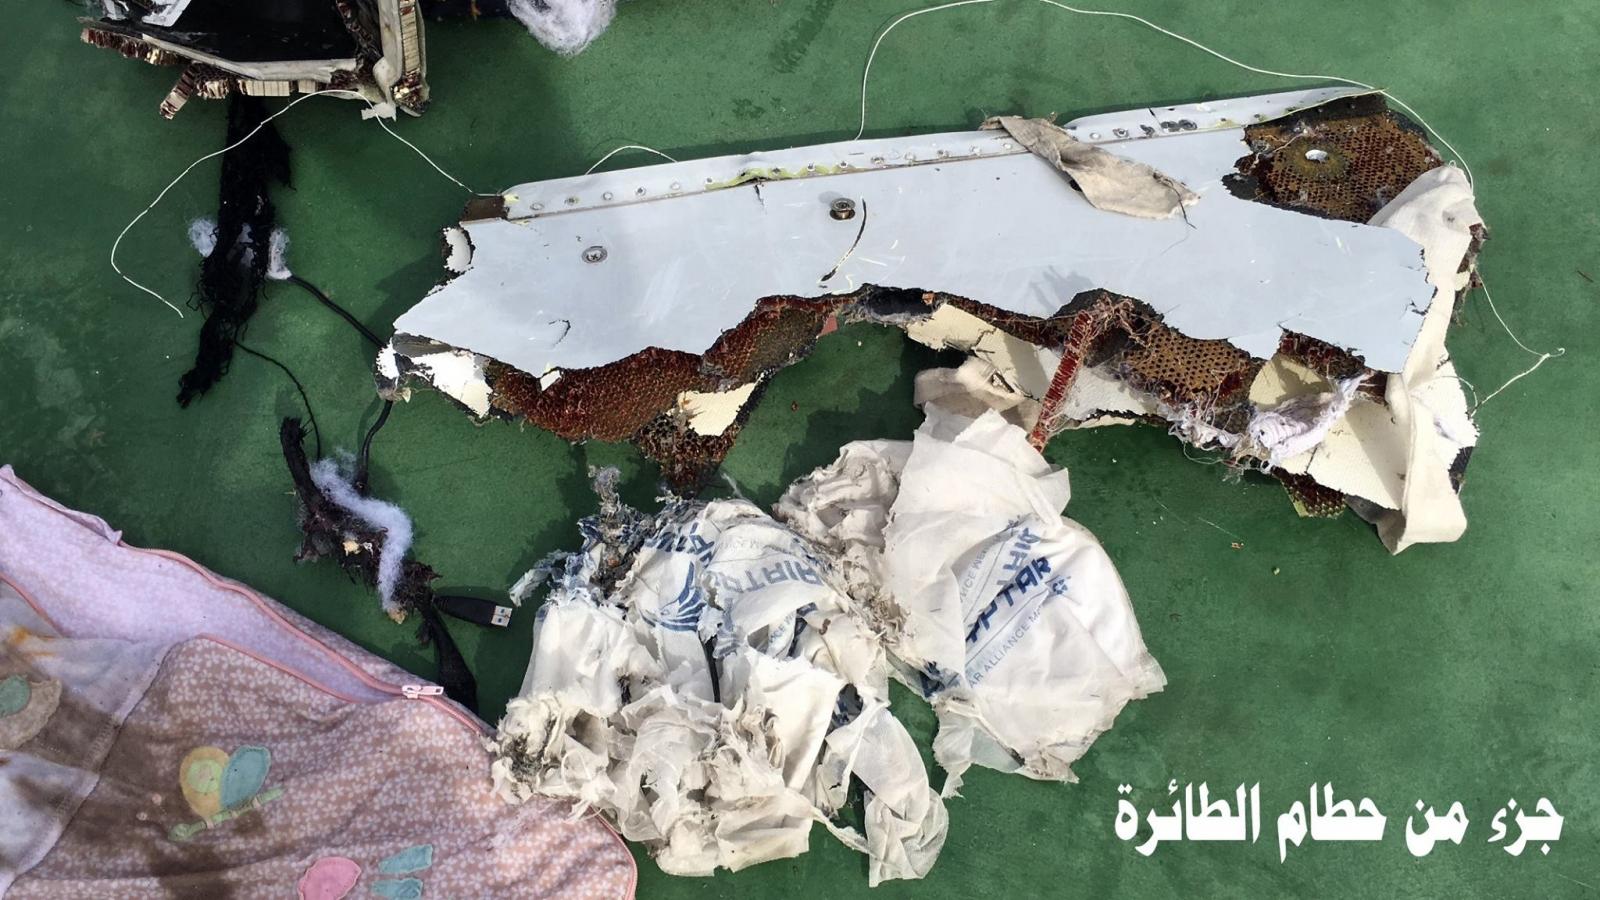 EgyptAir MS804: Debris 2